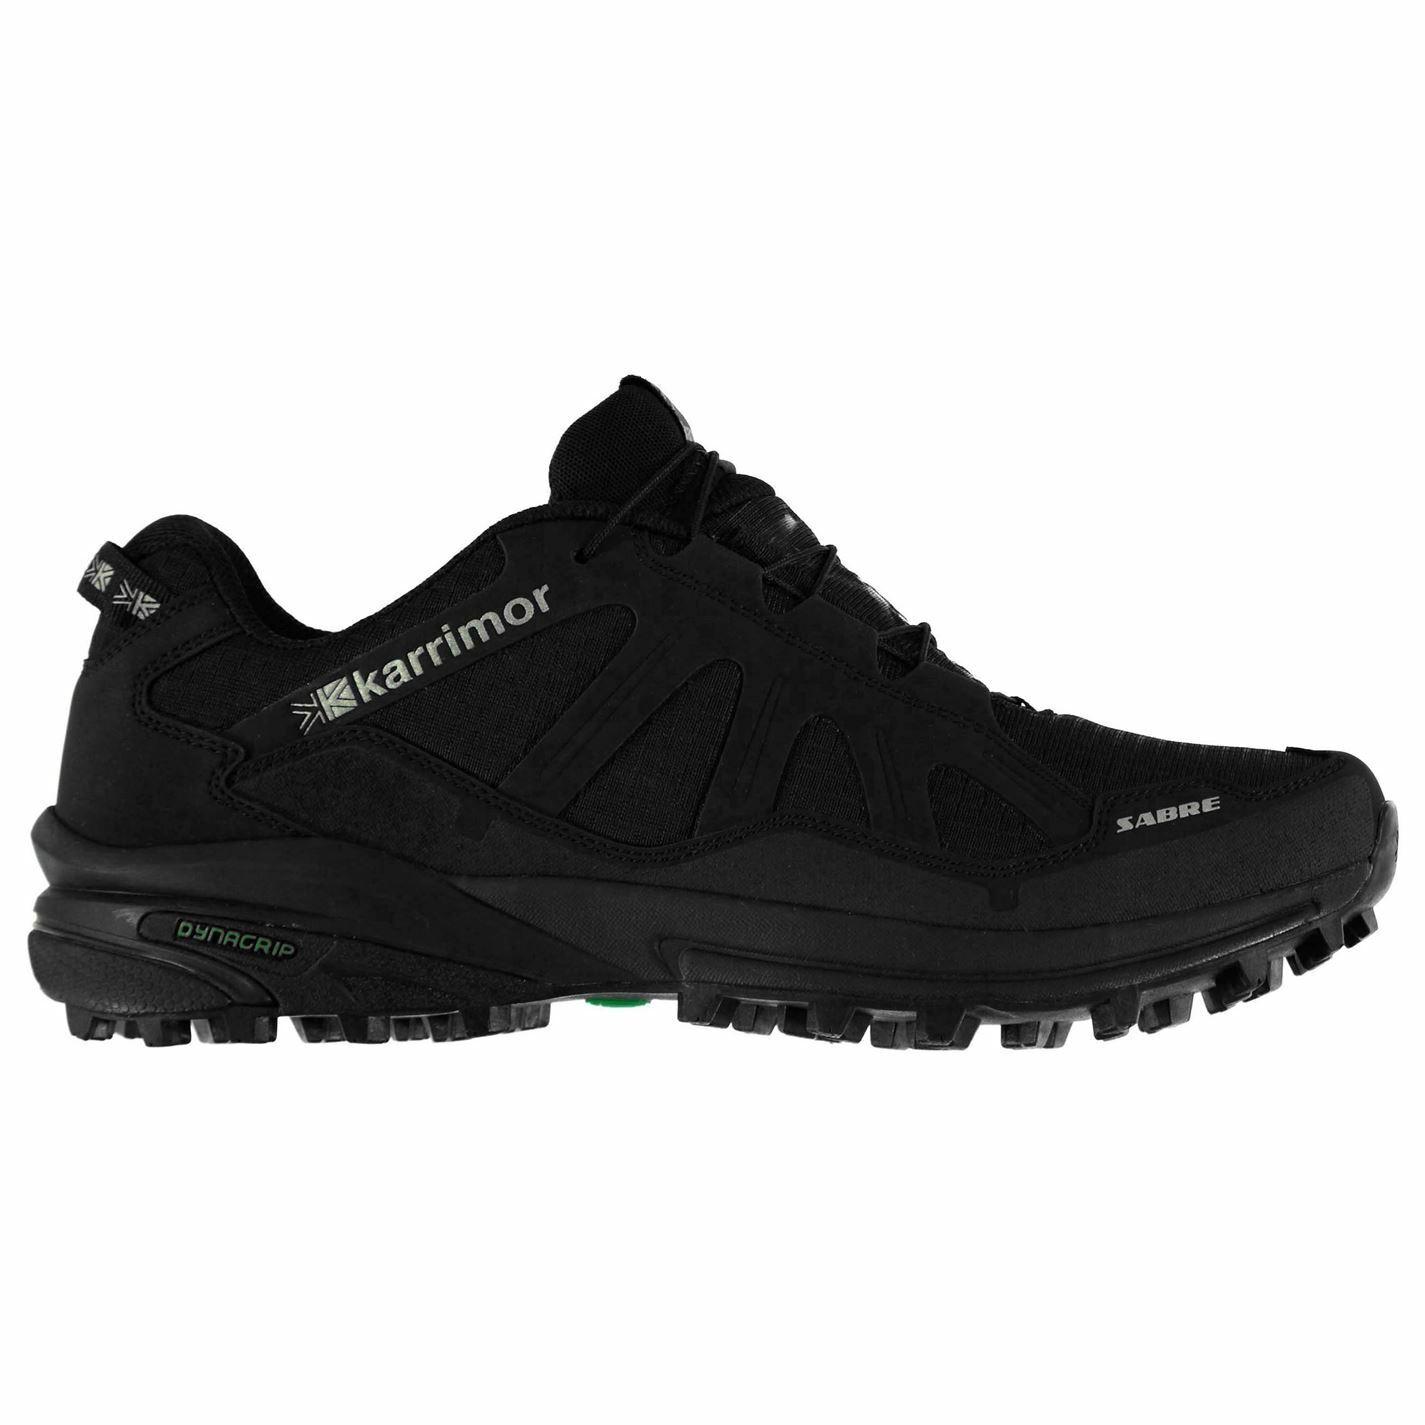 Karrimor Sabre Da Uomo Trail Scarpe Da Corsa Tessile collare imbottito per Caviglia allacciatura rapida